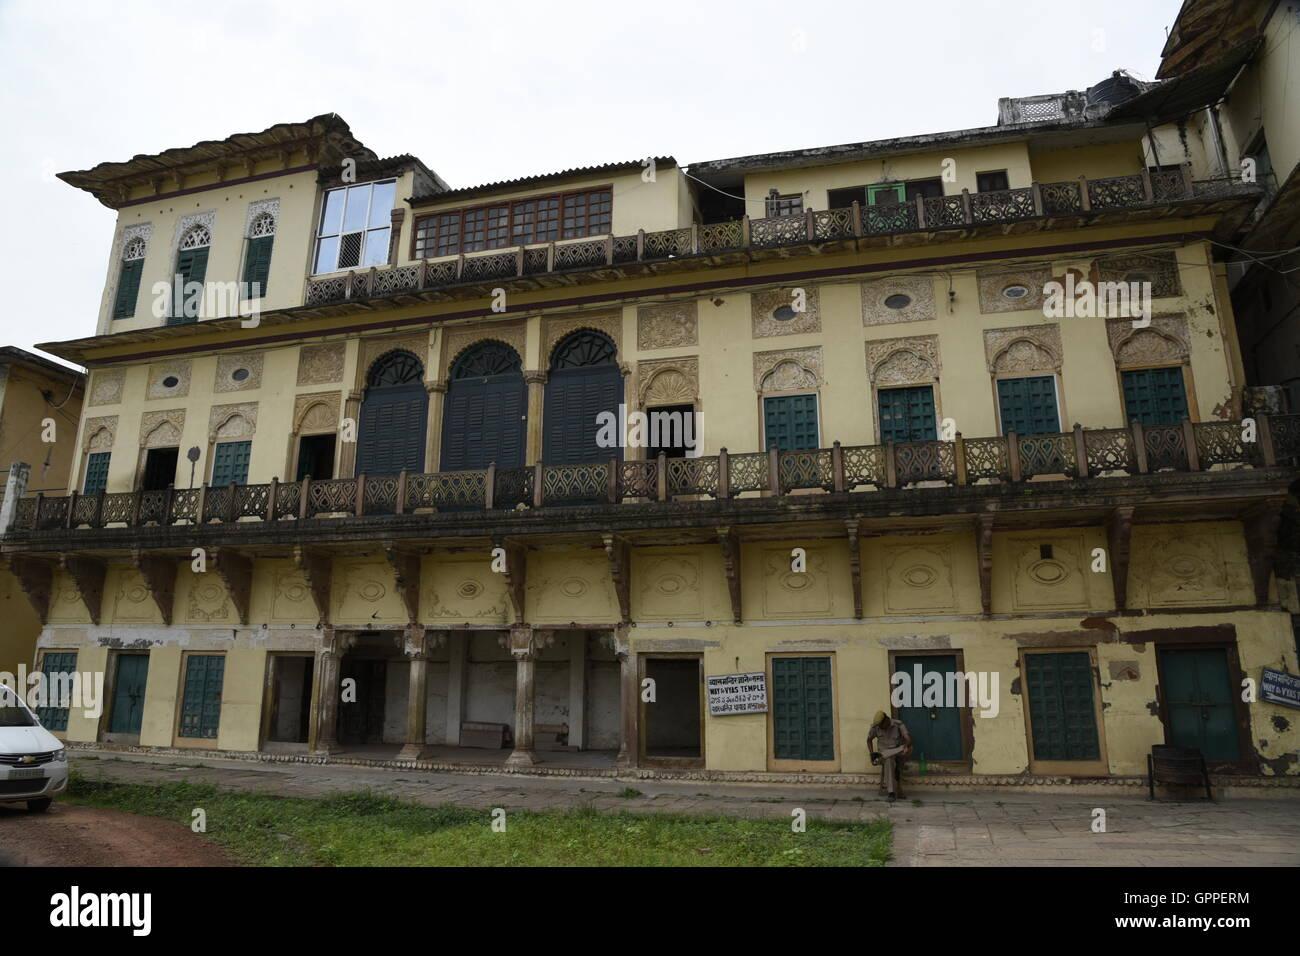 Belle fort Ramnagar aux couleurs de l'architecture détaillée incroyable à Varanasi ou bénarès sarnath près de l'Uttar Pradesh en Inde Banque D'Images